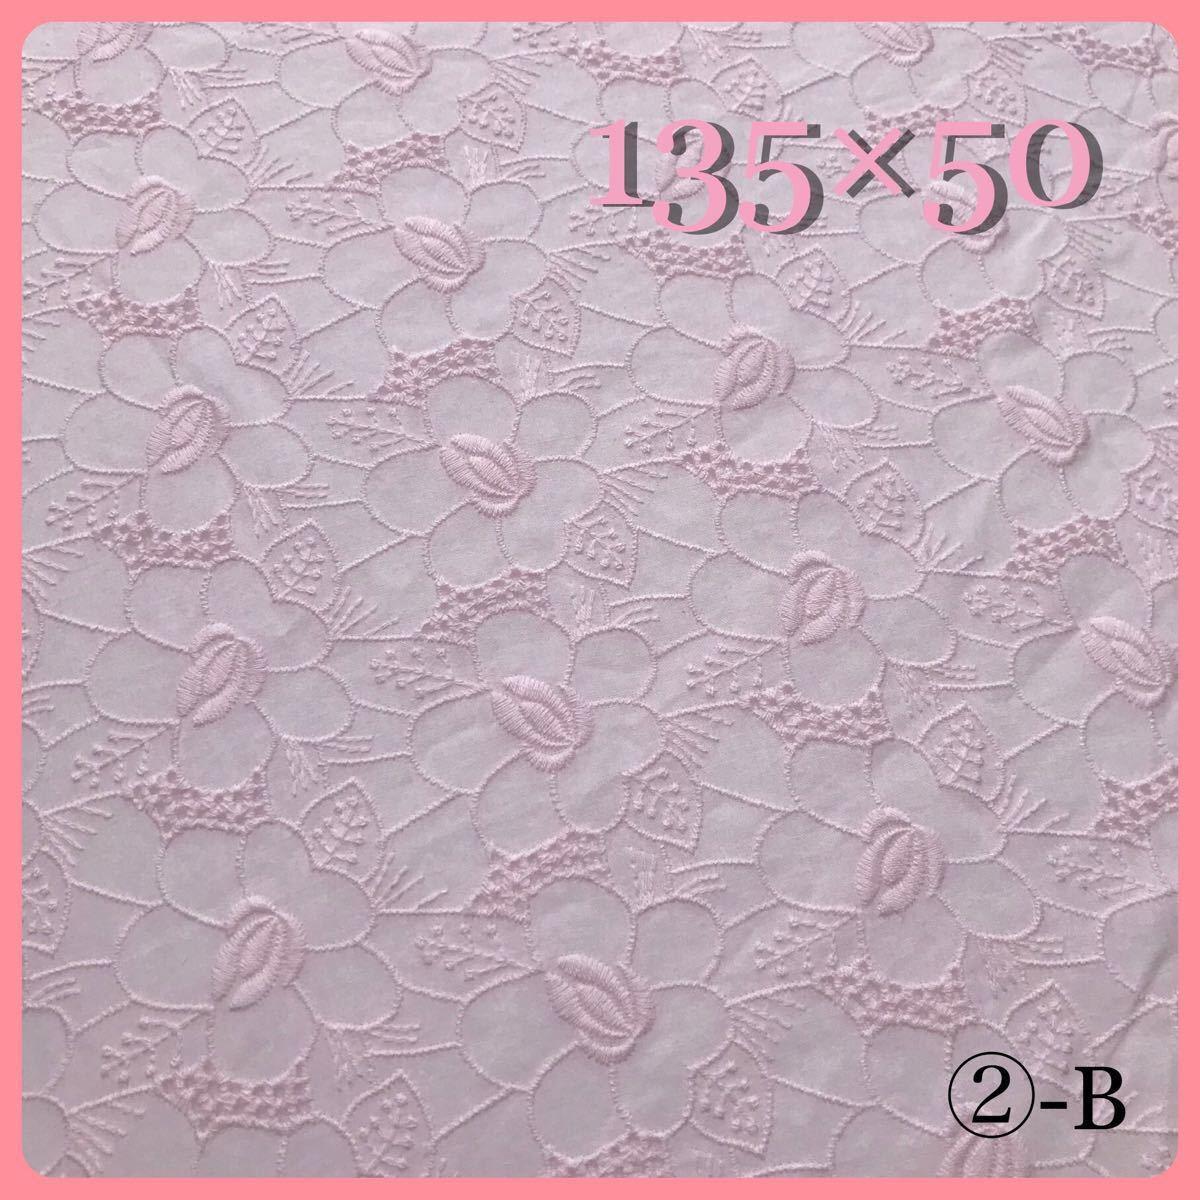 コットンレース 綿 刺繍生地 はぎれ 花柄 ハンドメイド 布